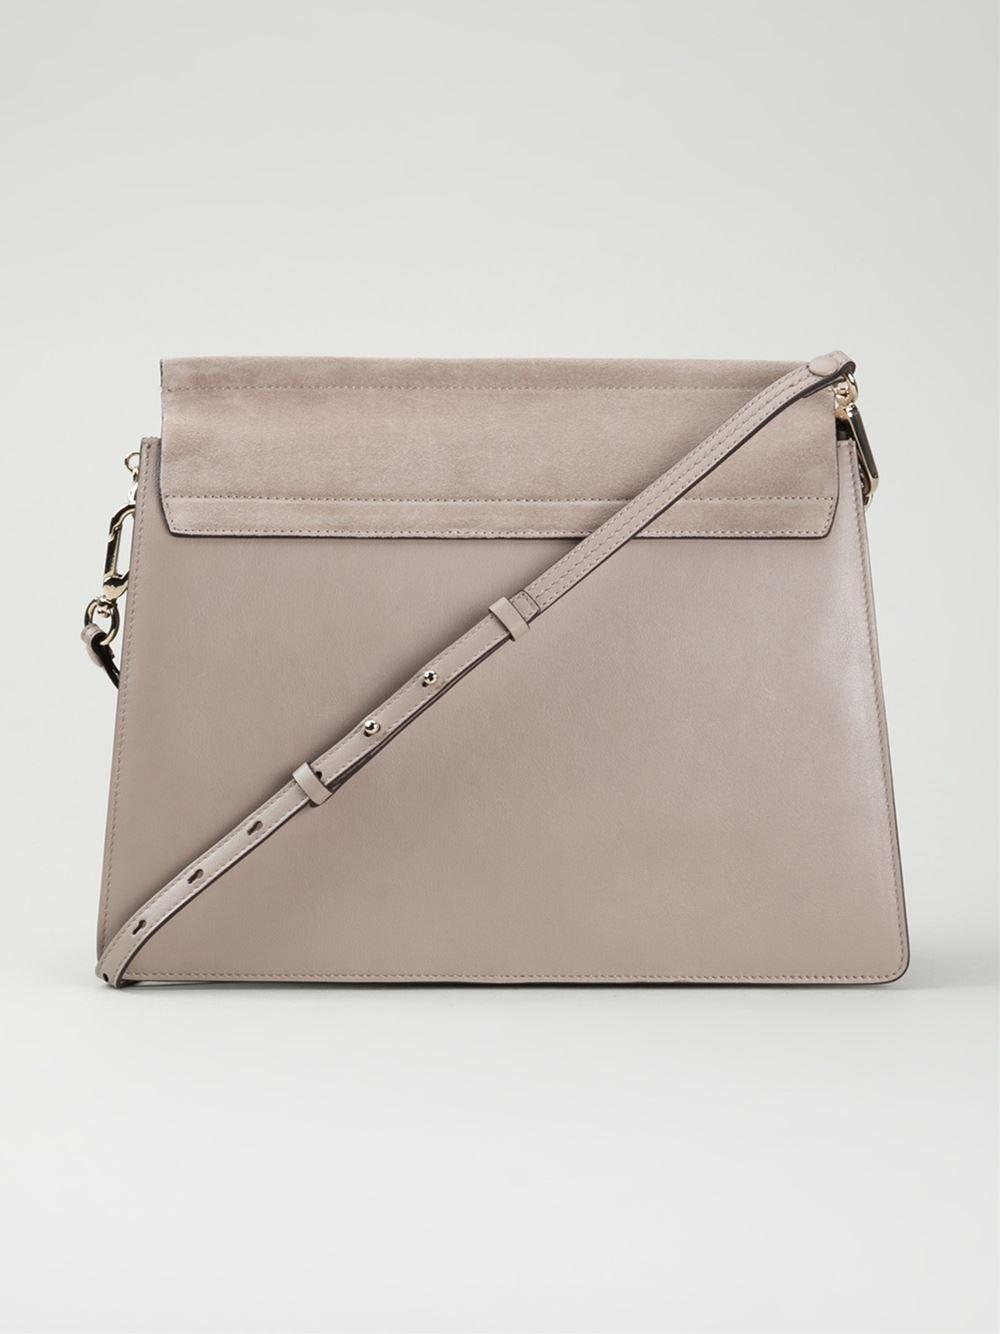 Chloé Suede Medium 'faye' Bag In Motty Grey